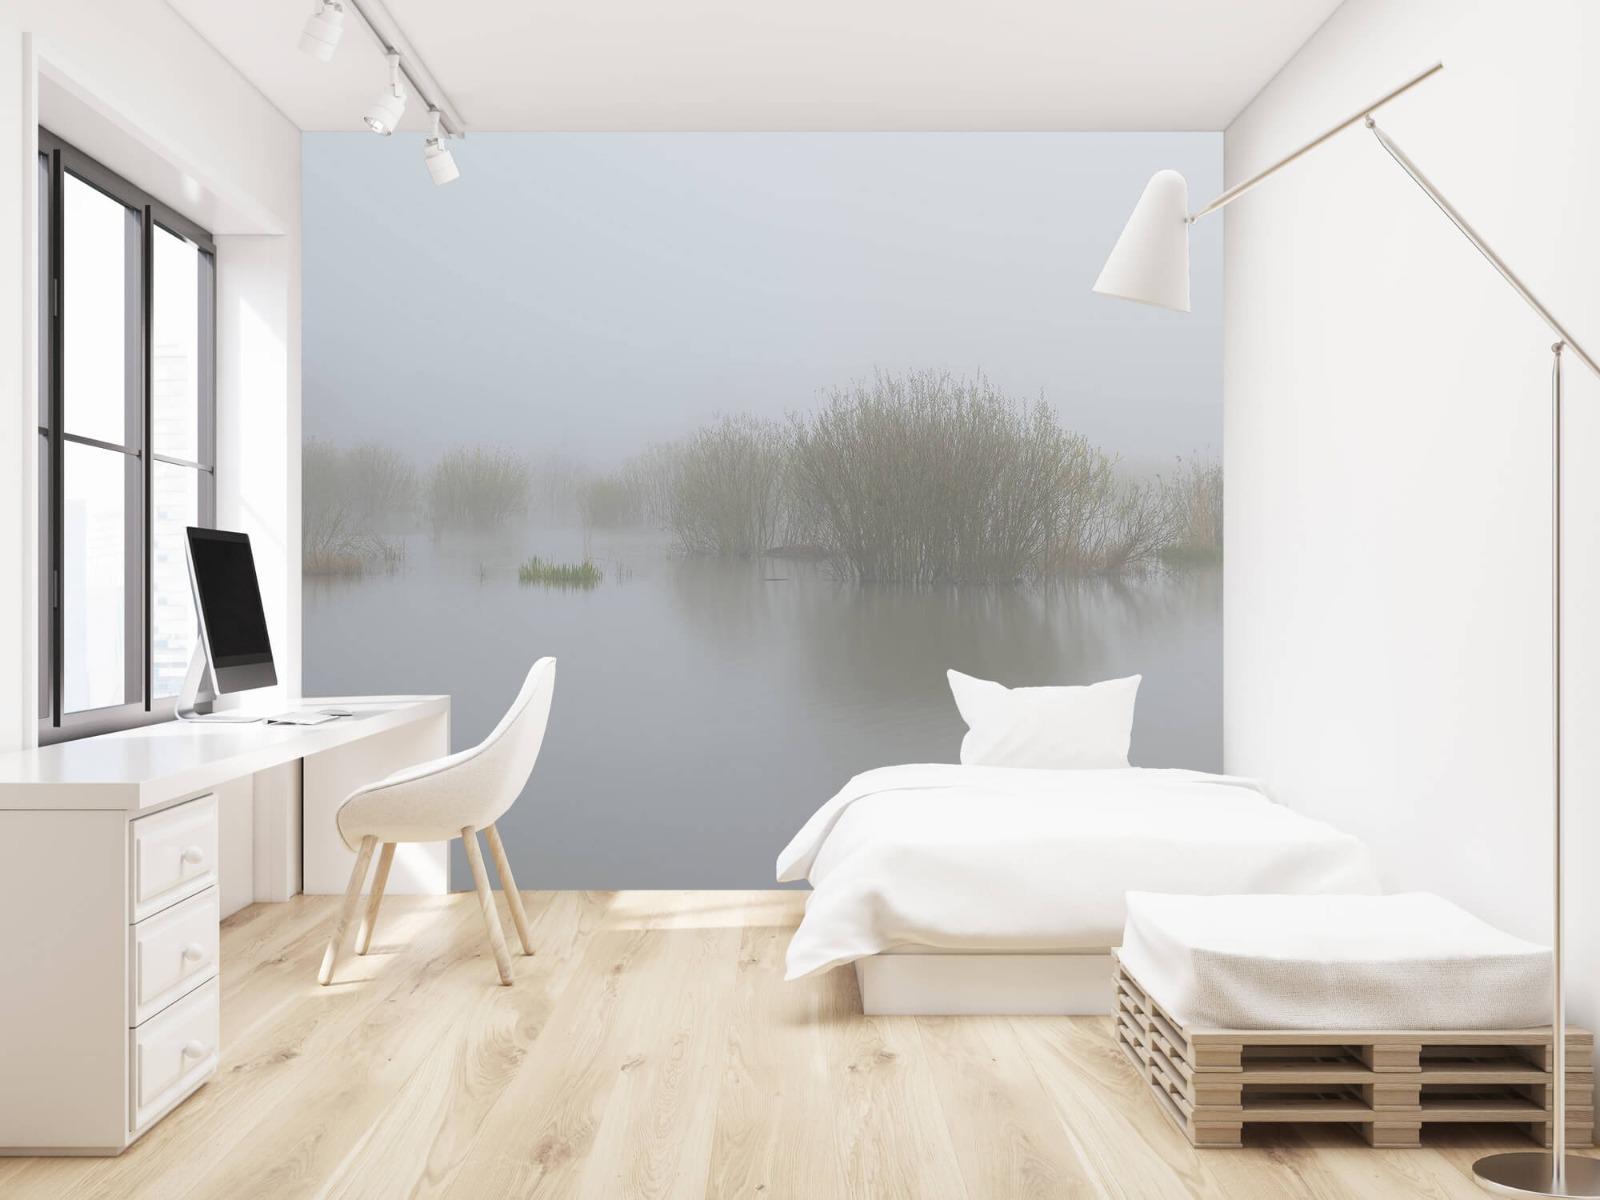 Landschap - Mist in natuurgebied - Slaapkamer 22